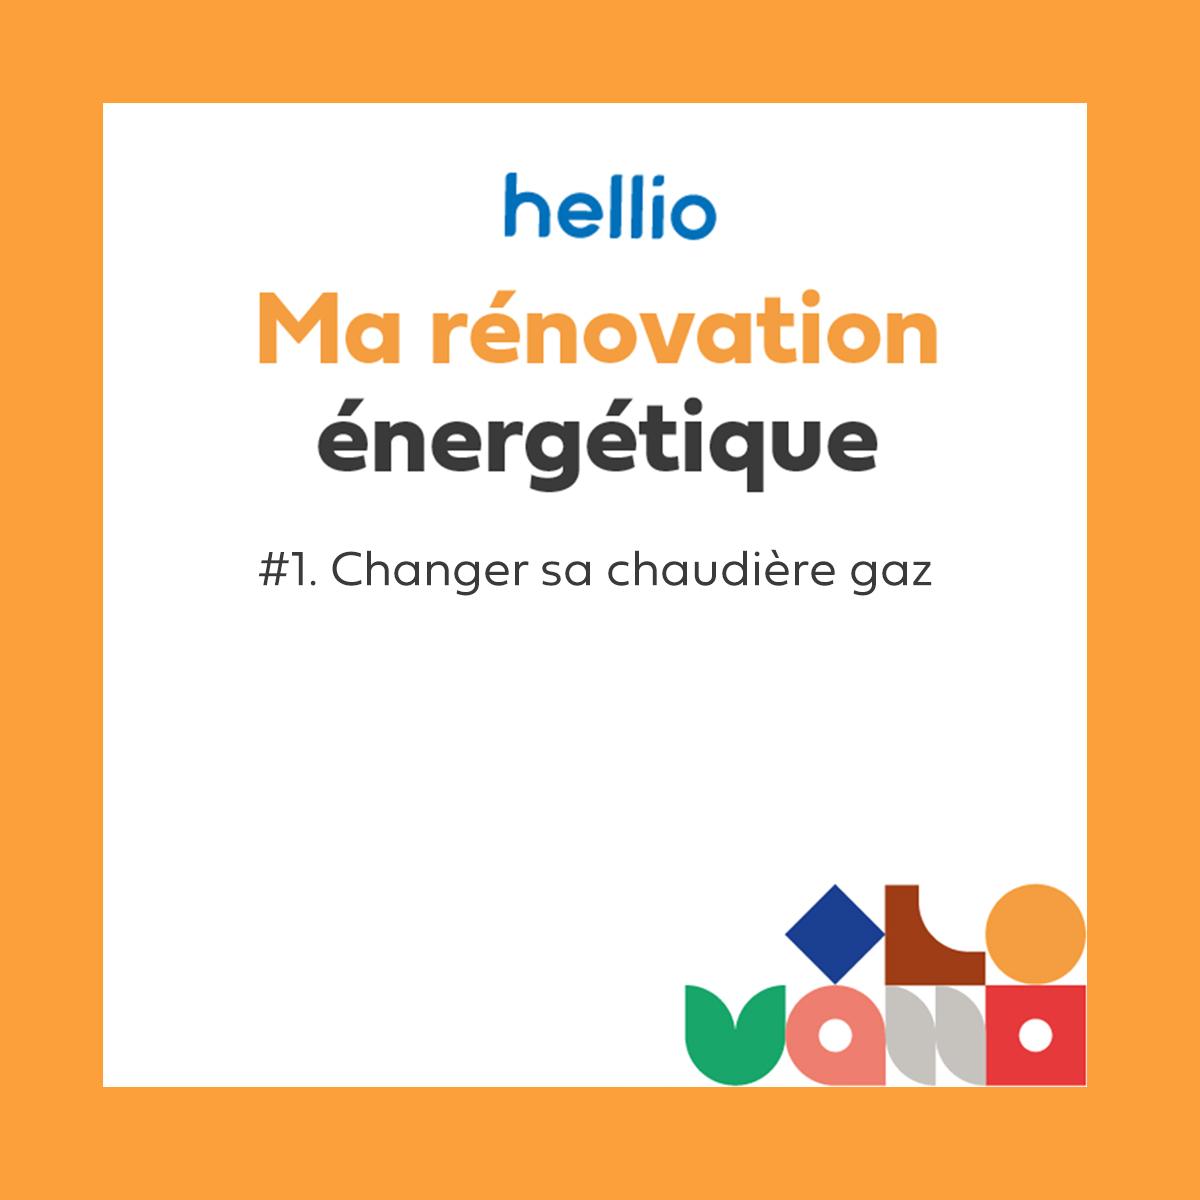 Podcast Hellio ma rénovation énergétique changement chaudière gaz